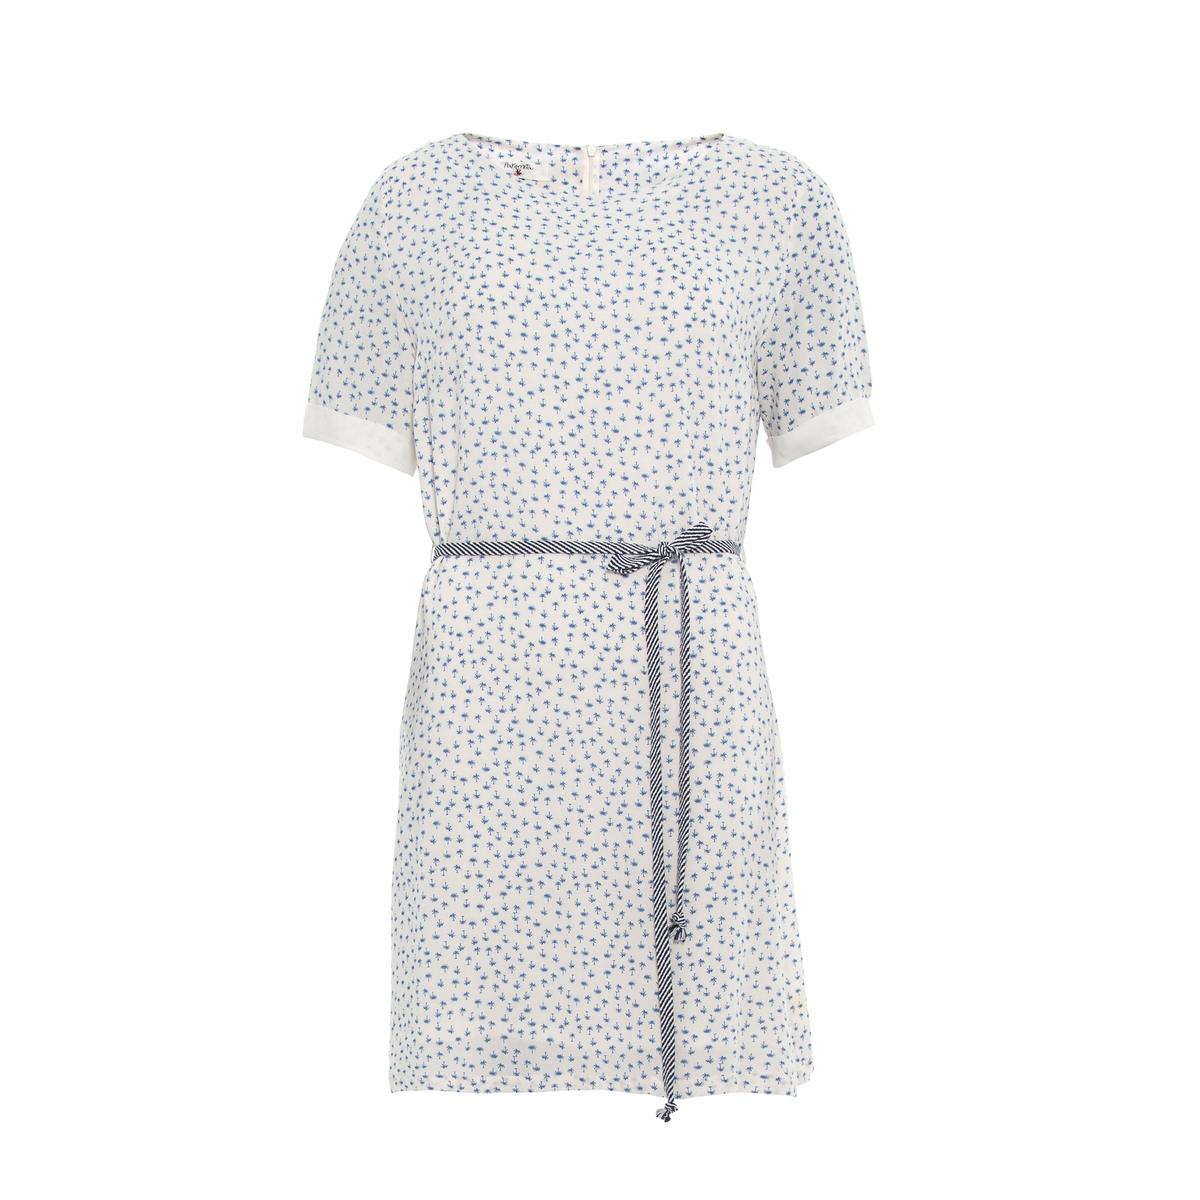 платье с короткими рукавами, с принтом и завязками PARAMITAСостав и описание:Материал : 100% вискозыМарка : PARAMITA<br><br>Цвет: белый/синий рисунок<br>Размер: M